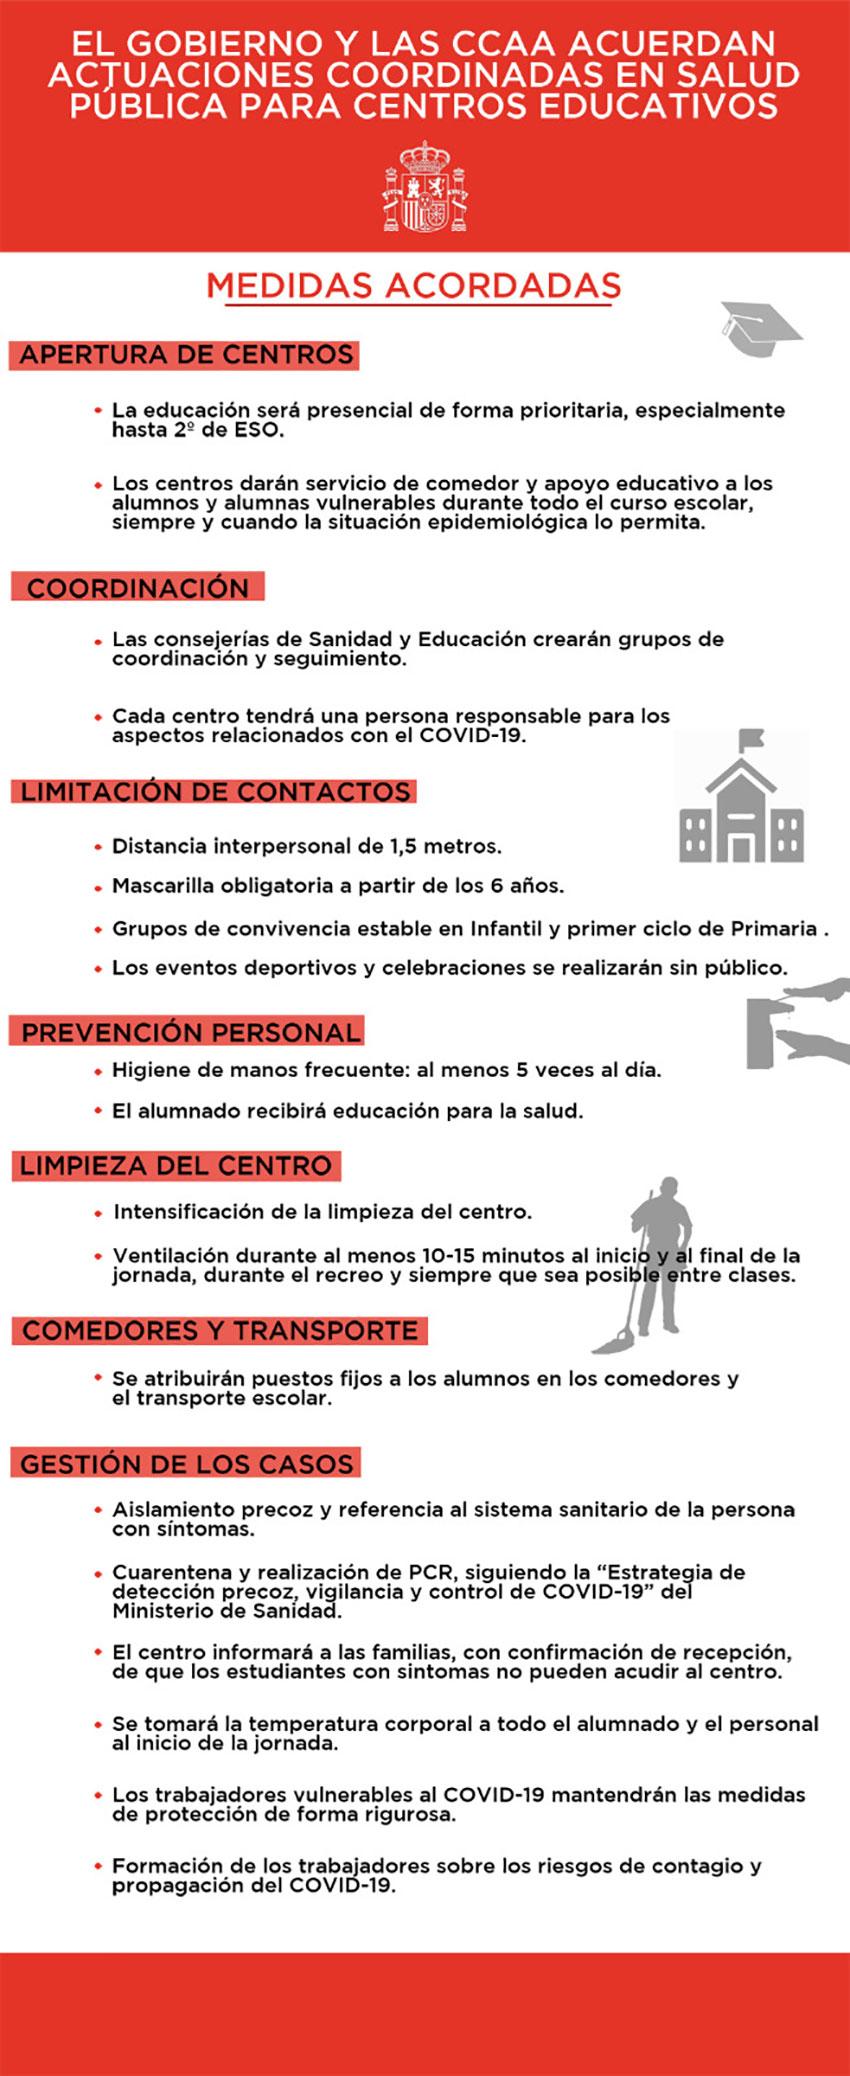 Actuaciones coordinadas salud publica centros educativos COVID-19